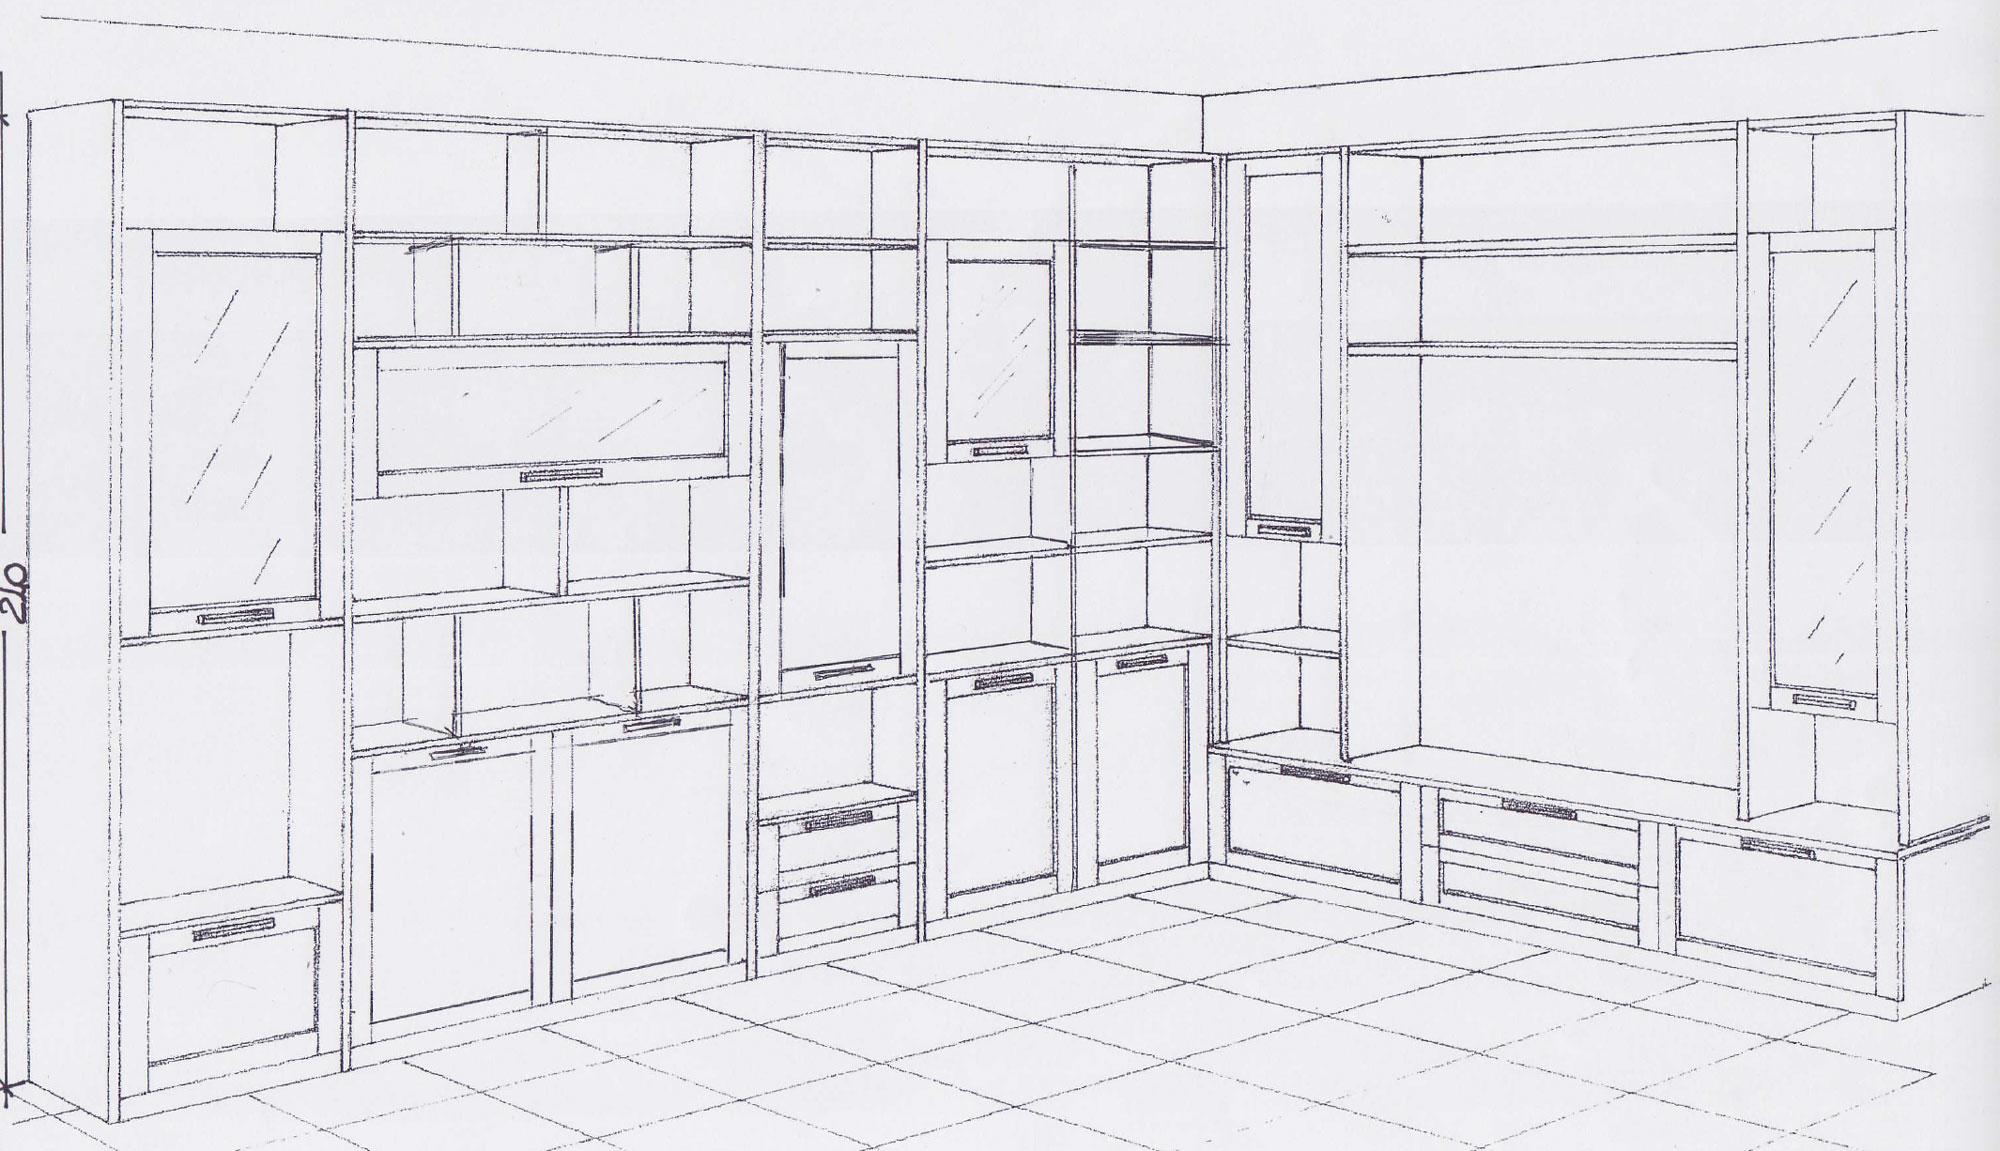 Appartamento asti Archeando Studio e Associati